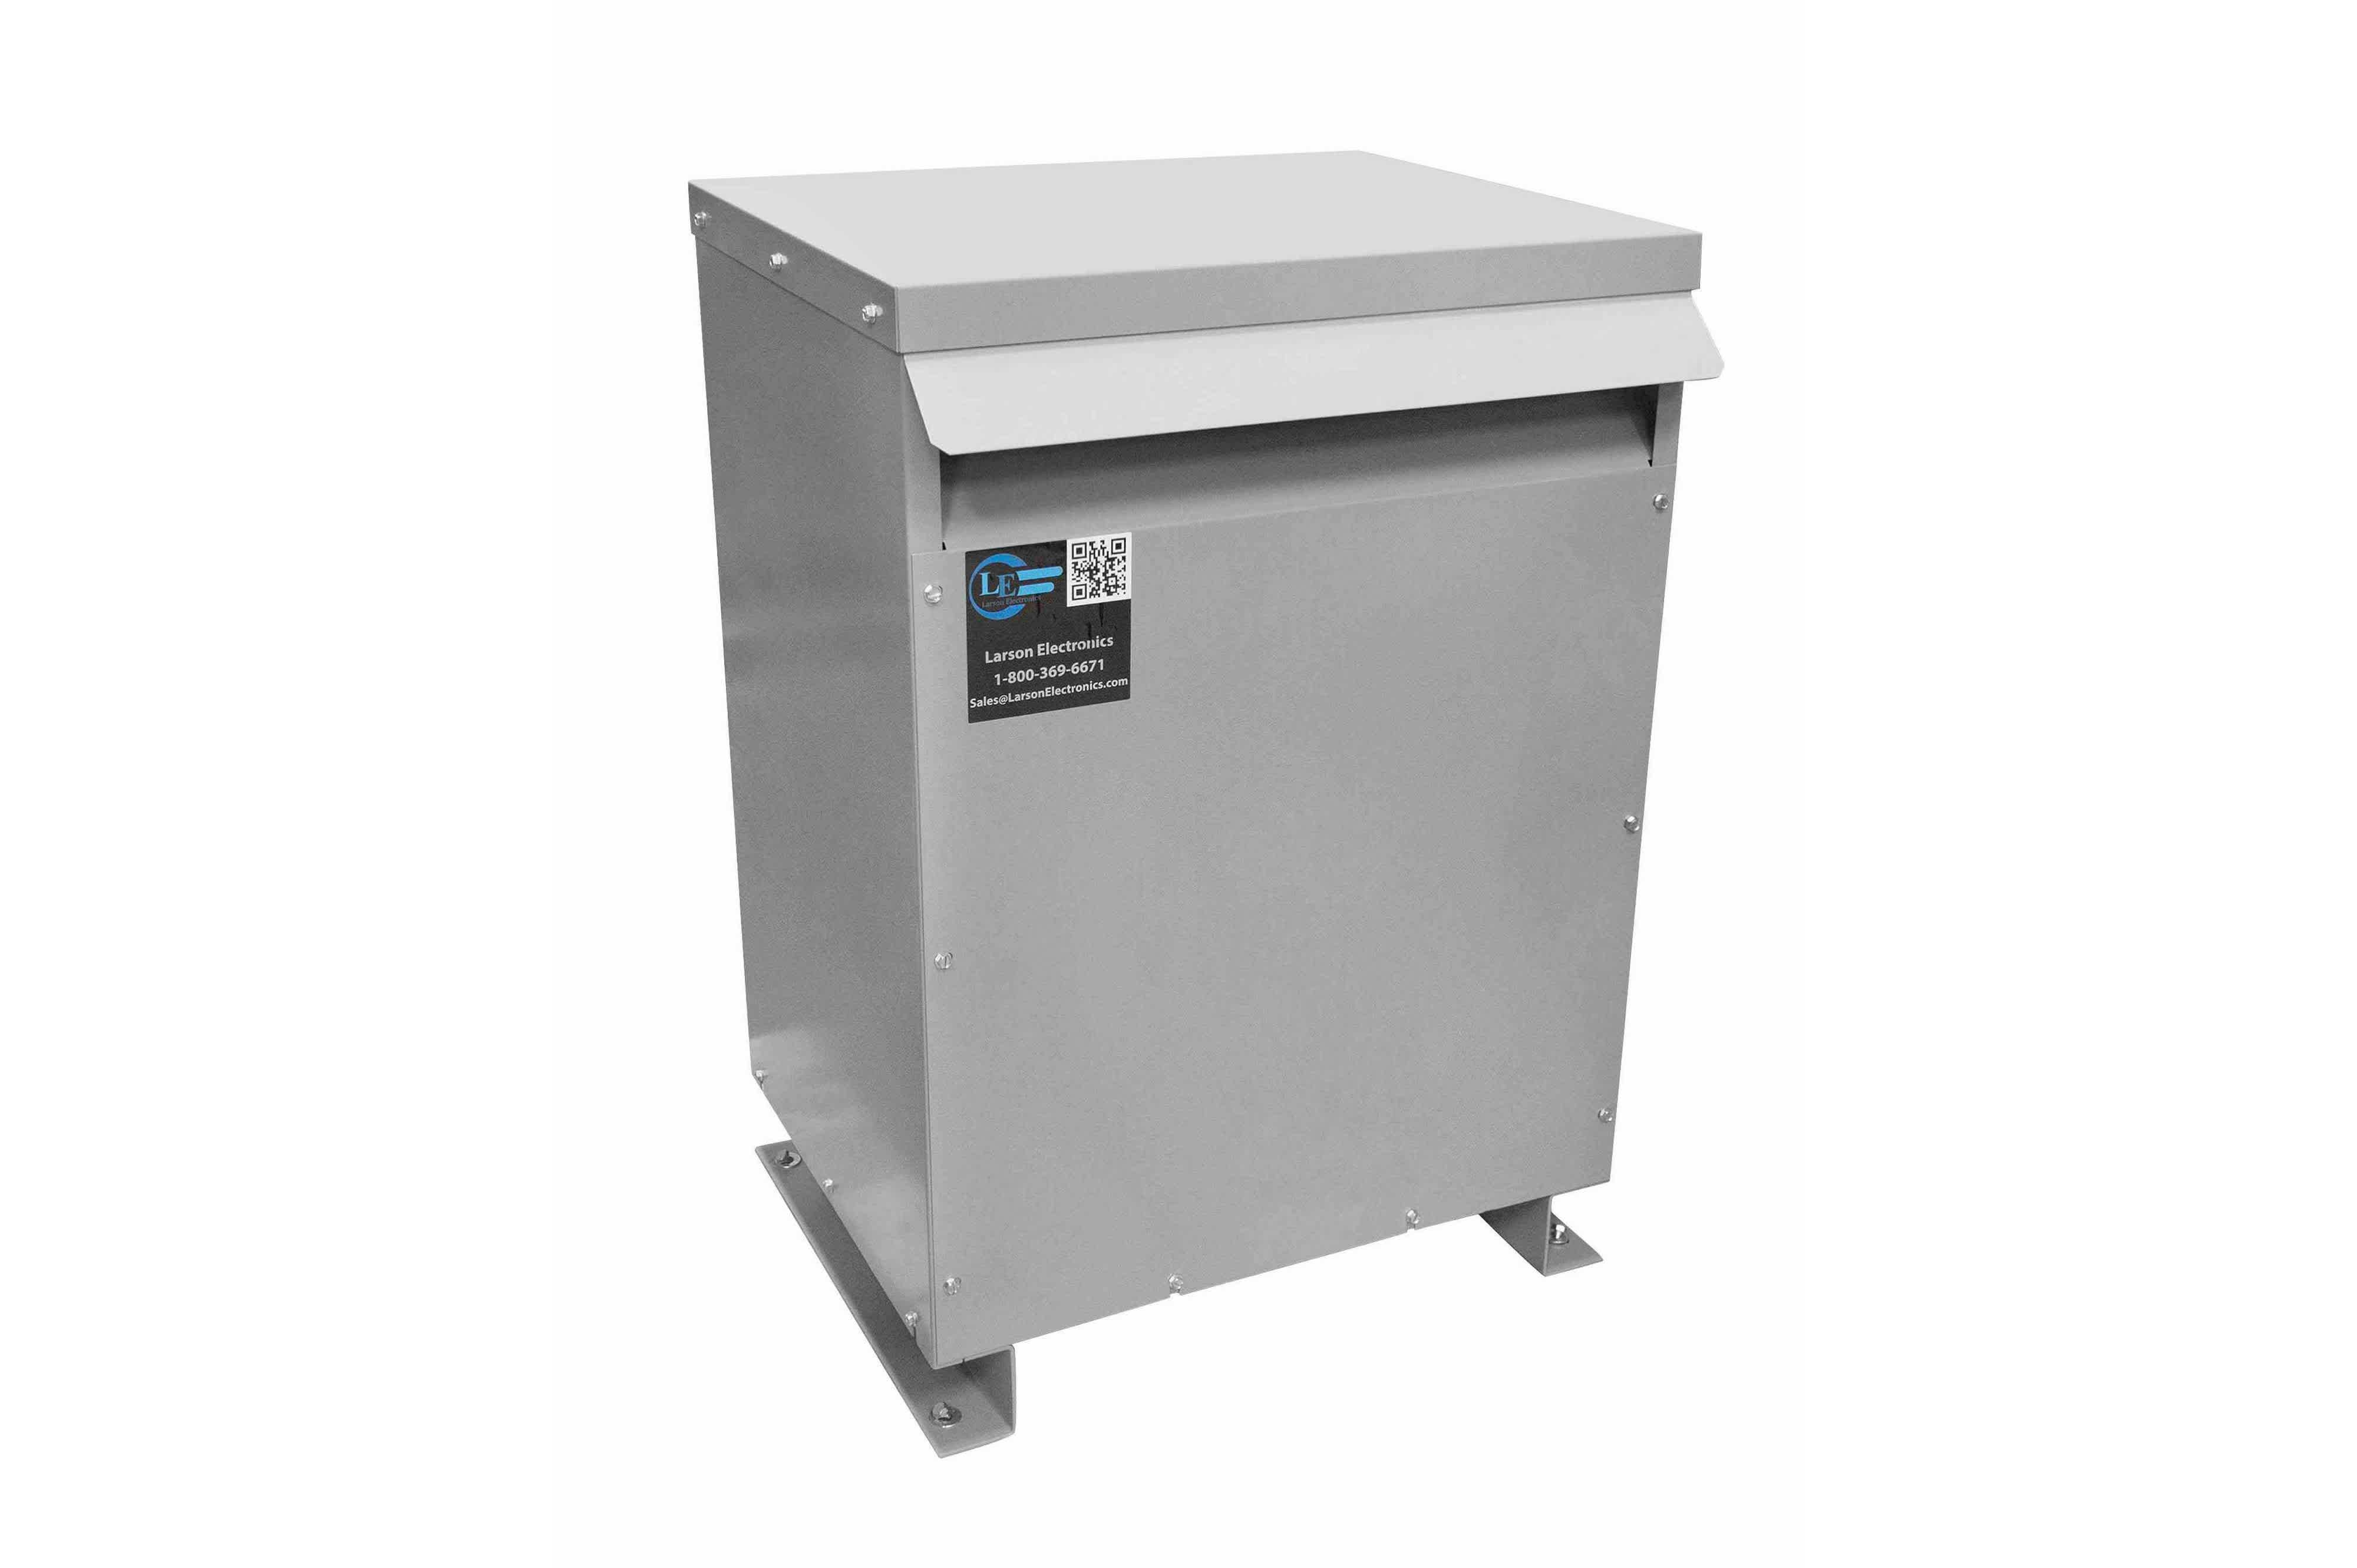 137.5 kVA 3PH Isolation Transformer, 208V Delta Primary, 415V Delta Secondary, N3R, Ventilated, 60 Hz